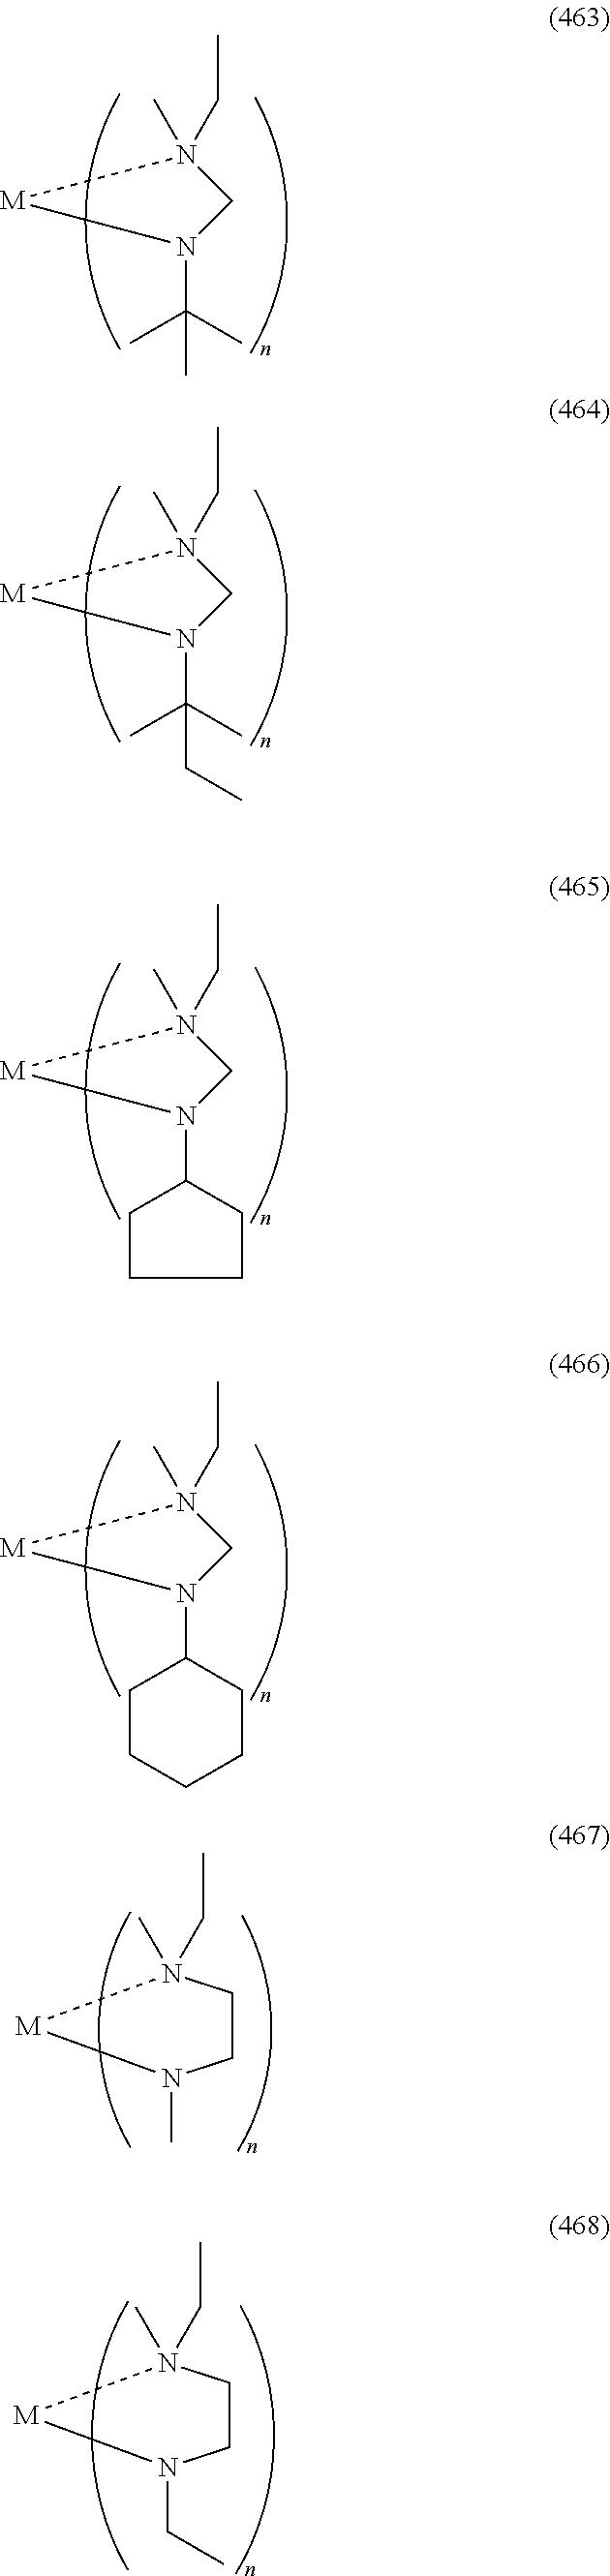 Figure US08871304-20141028-C00086